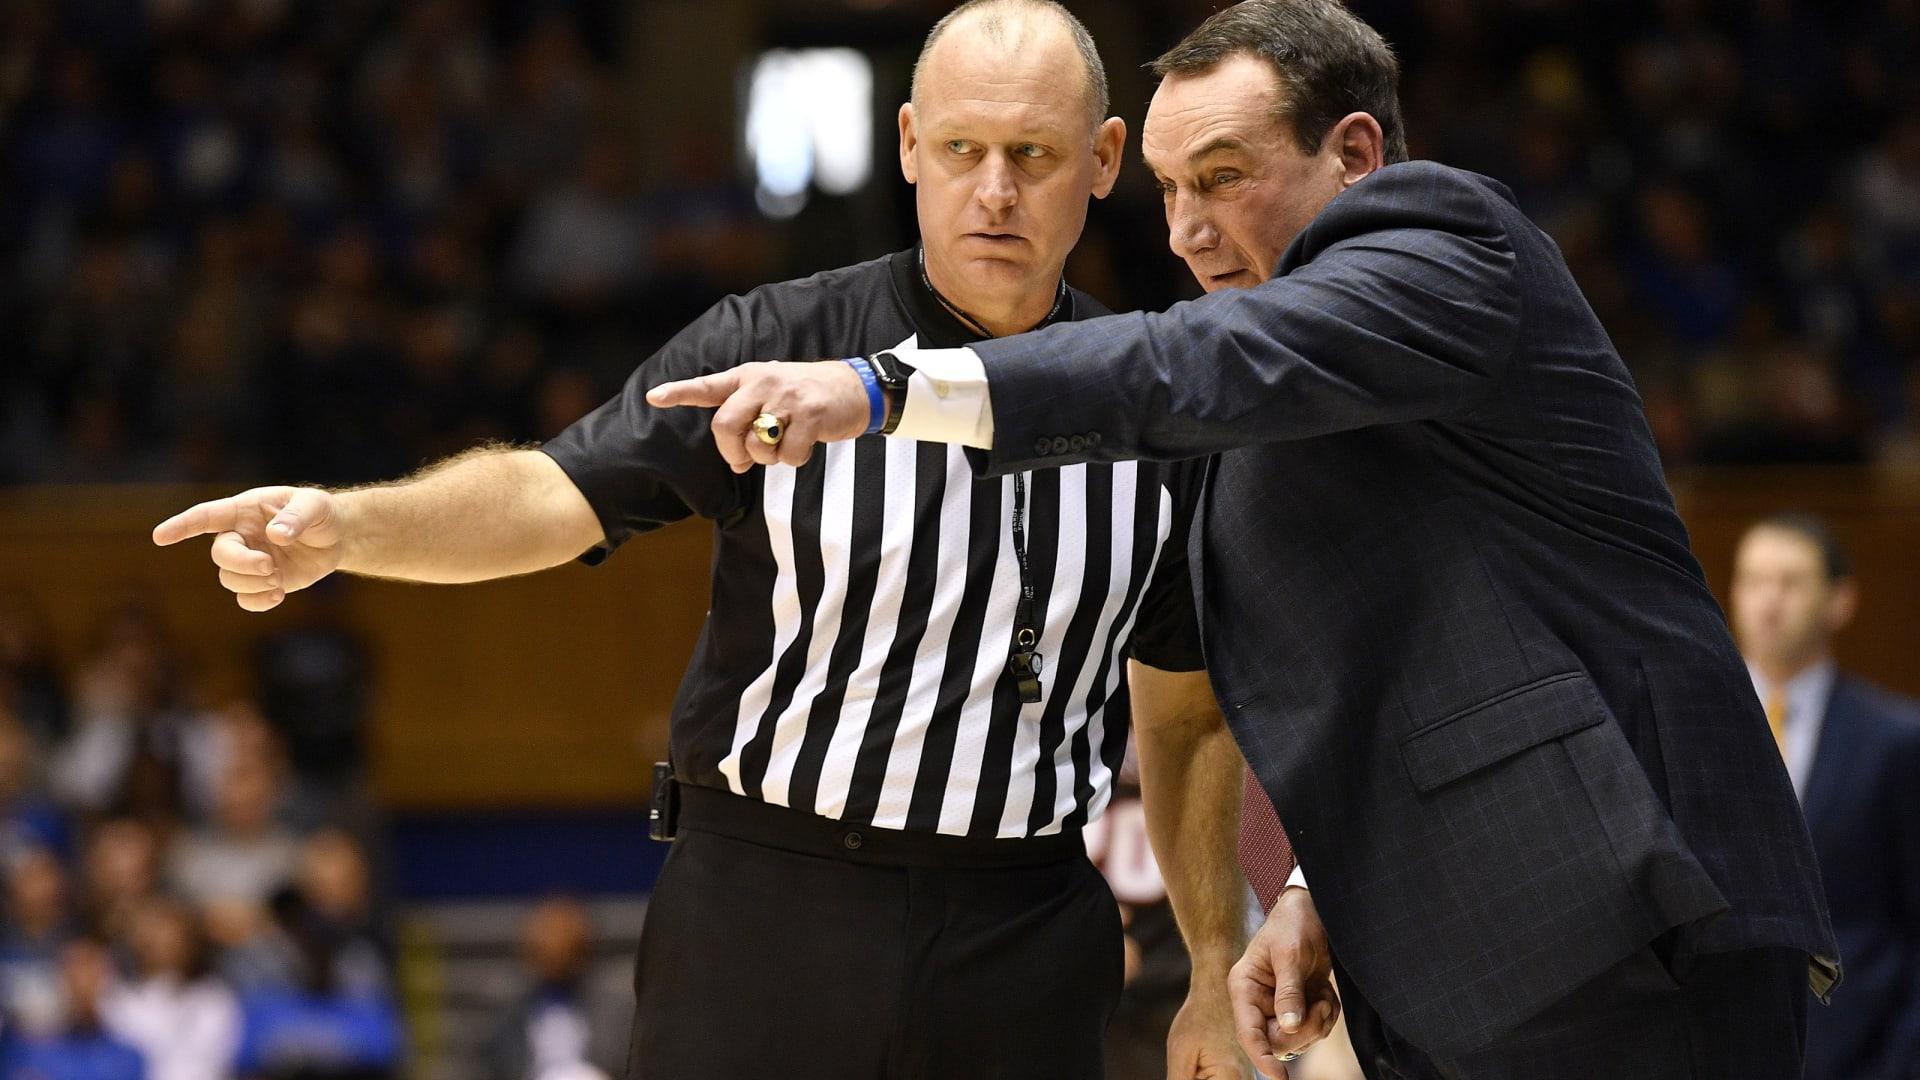 Duke basketball: Three reasons officiating often favors Blue Devils